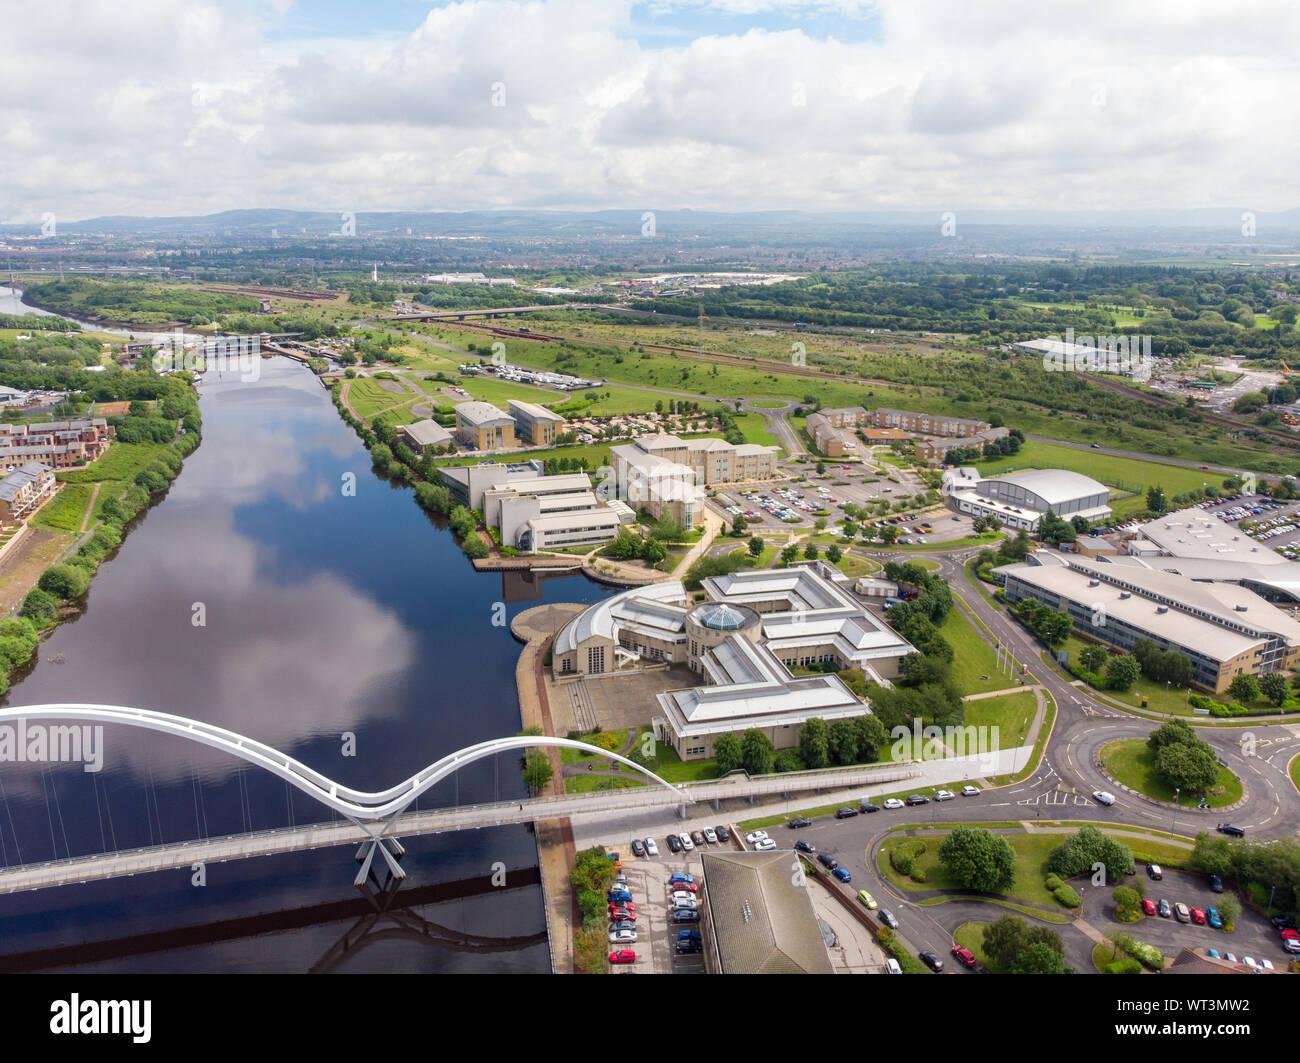 Areal Foto der Durham University, Queen's Campus in Thornaby, Stockton-on-xd an einem schönen sonnigen Tag in der Nähe der Unendlichkeit Brücke genommen Stockfoto